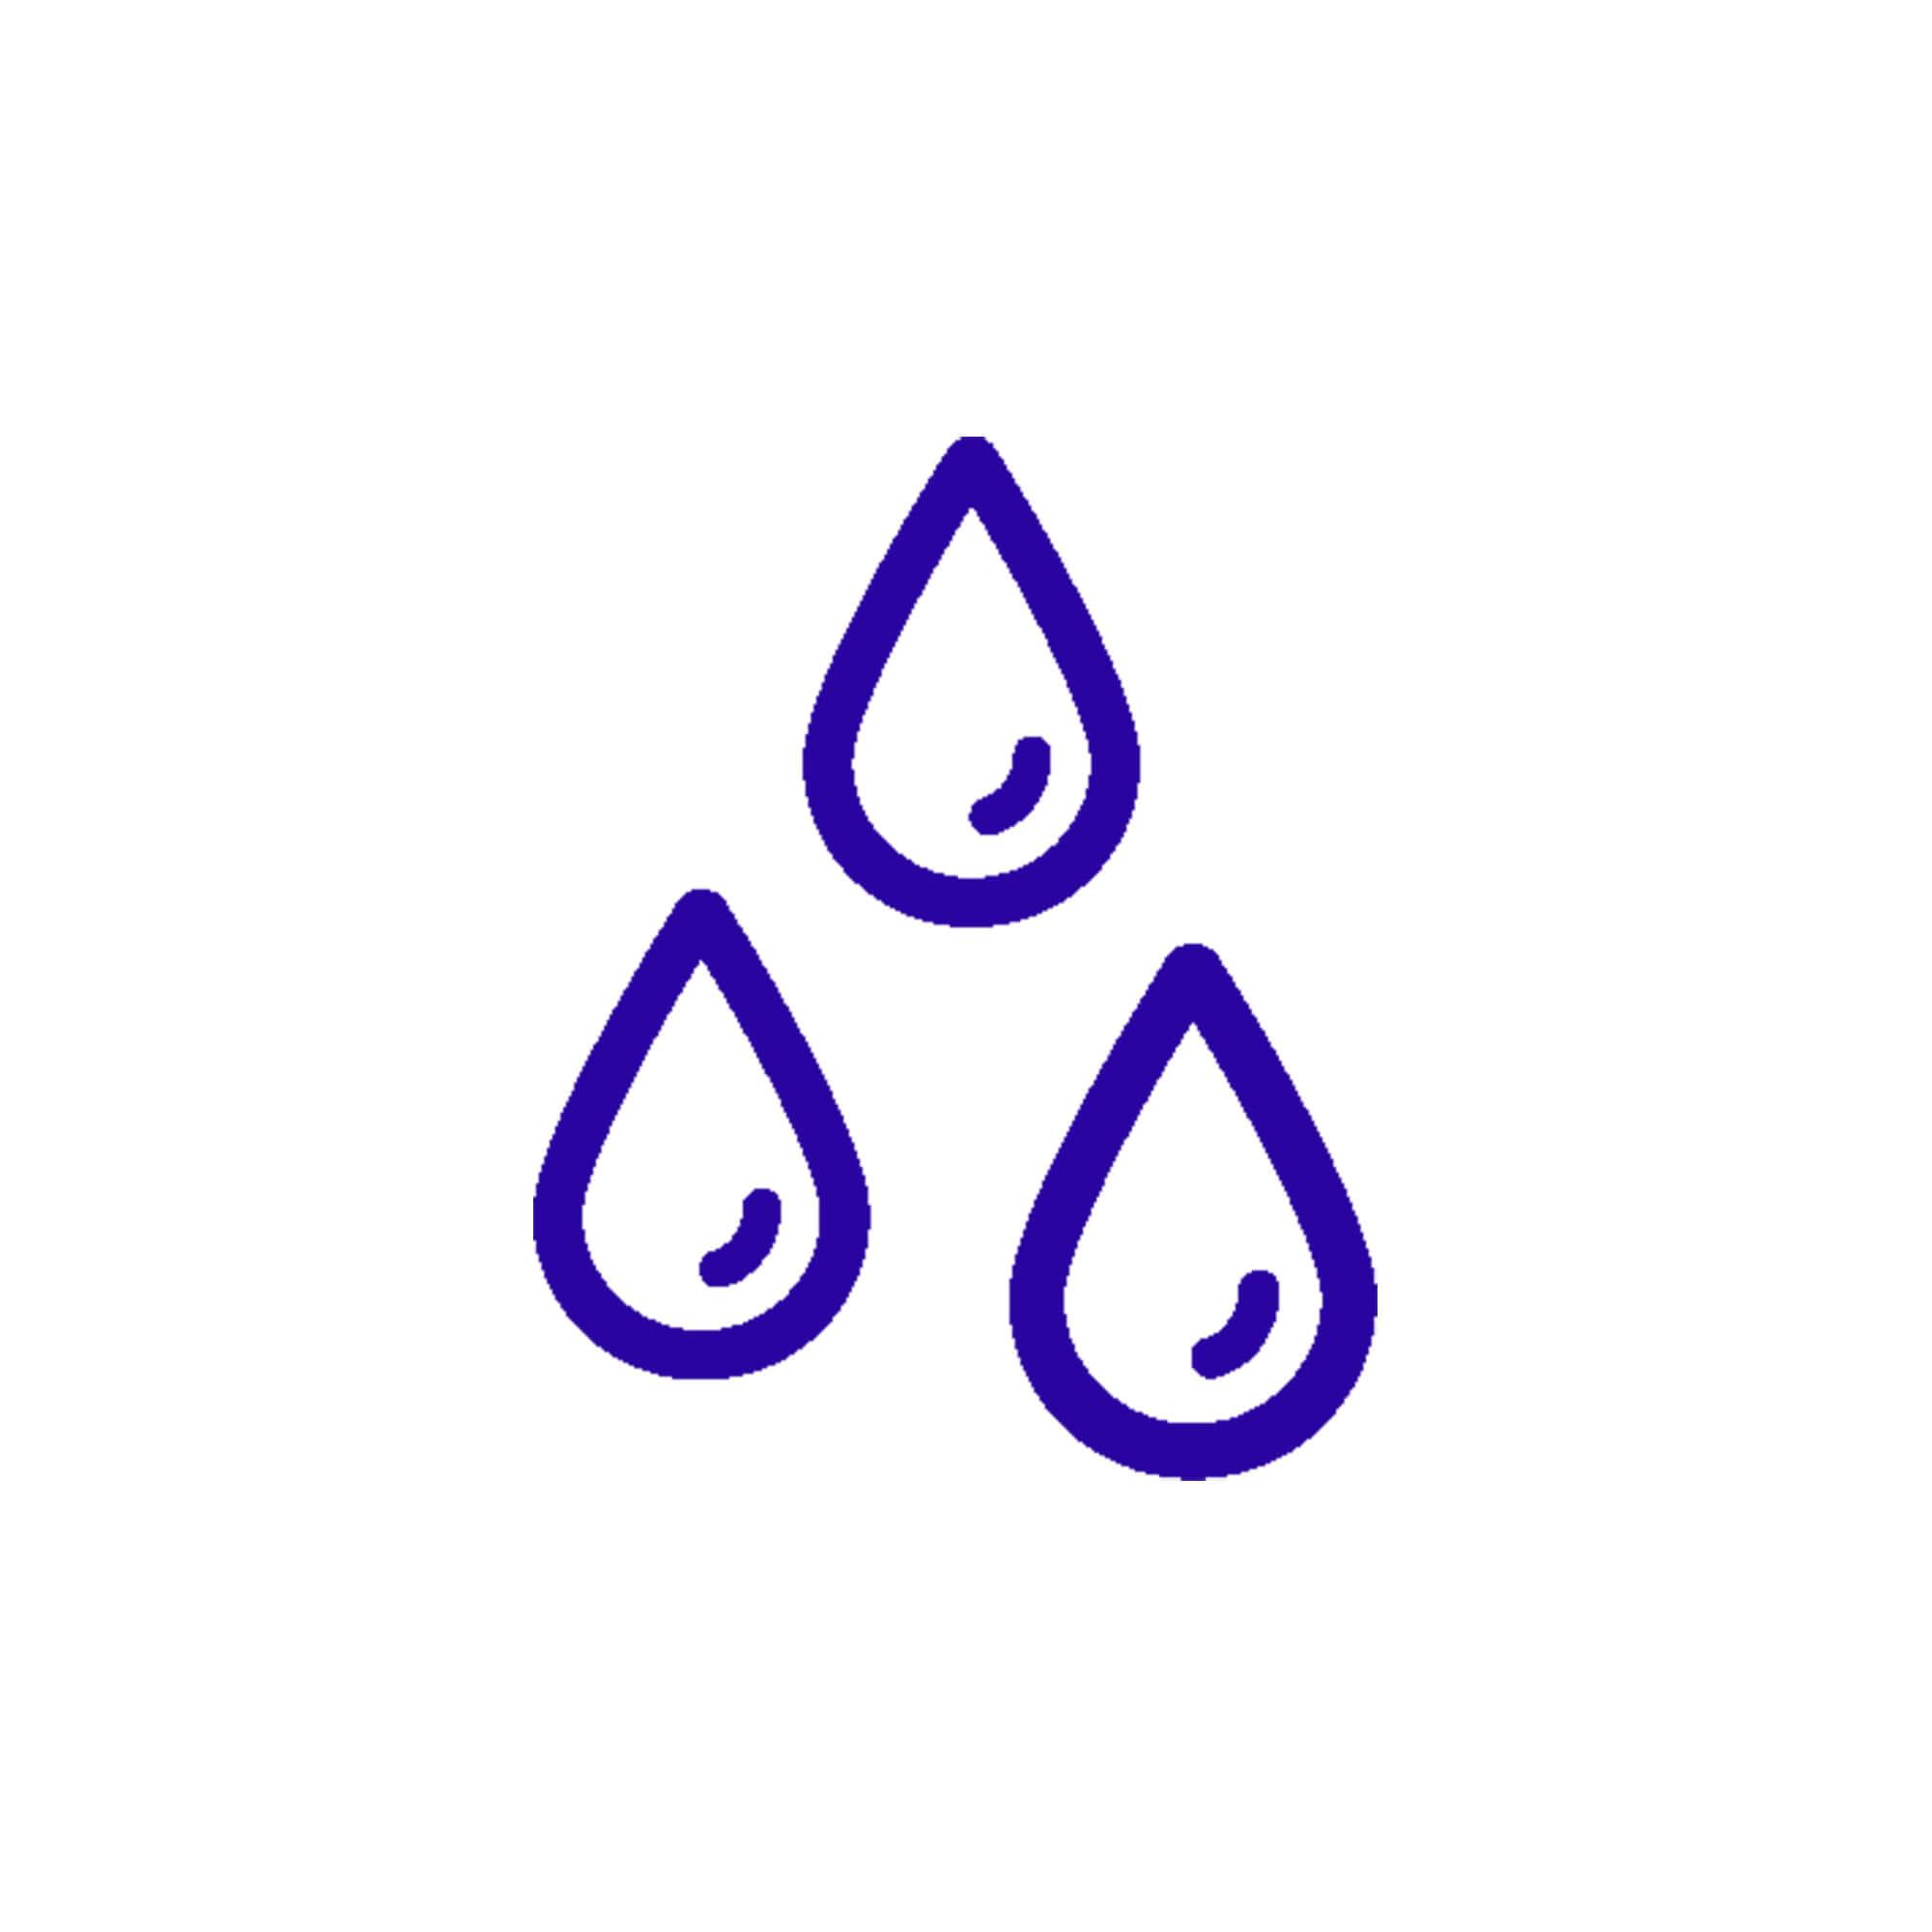 icône de détection d'humidité